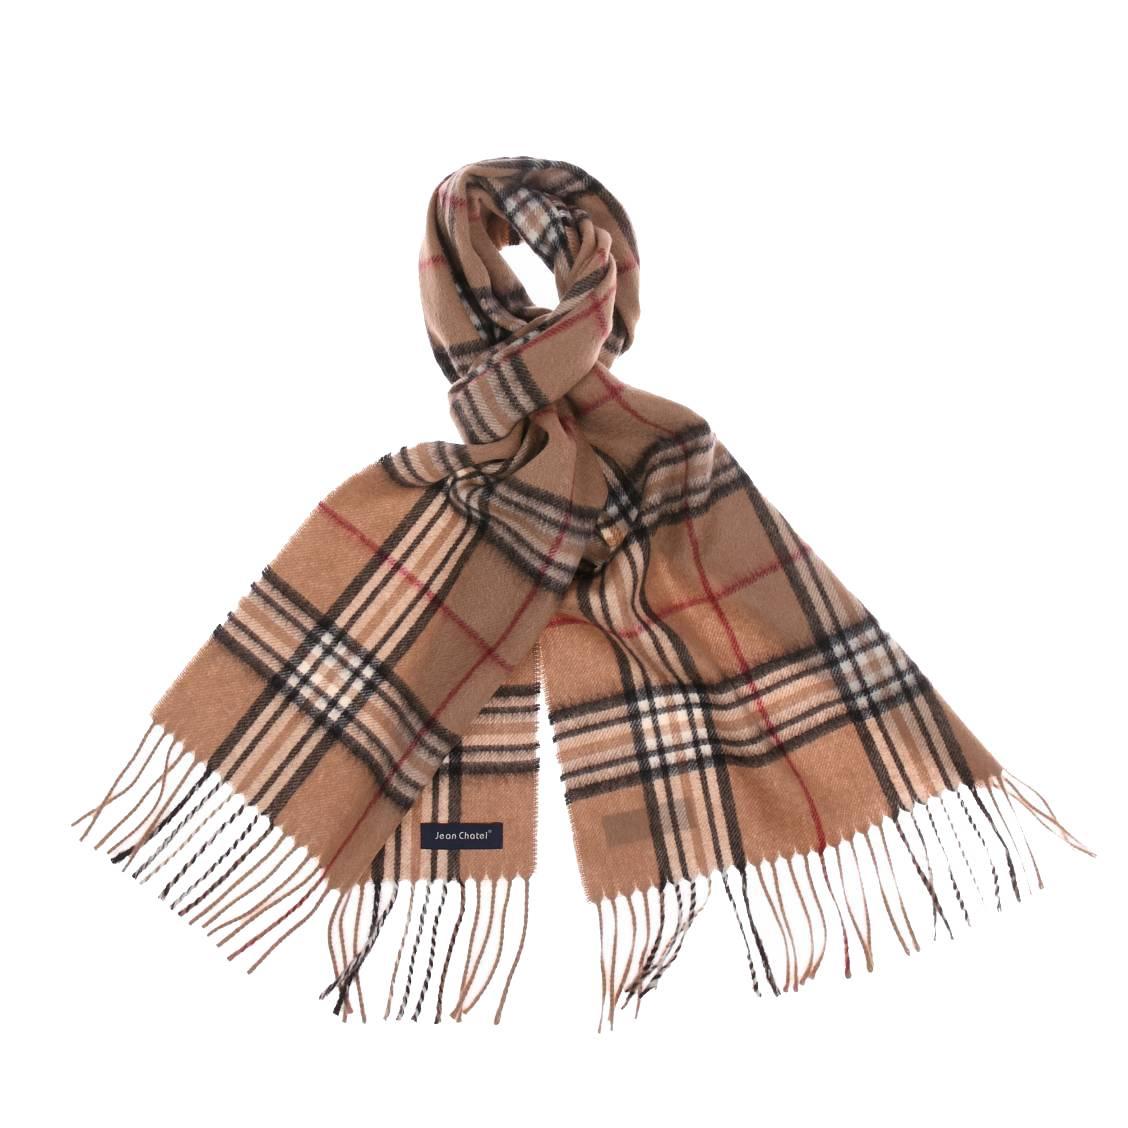 Echarpe jean chatel en laine beige à carreaux écossais noirs et rouges